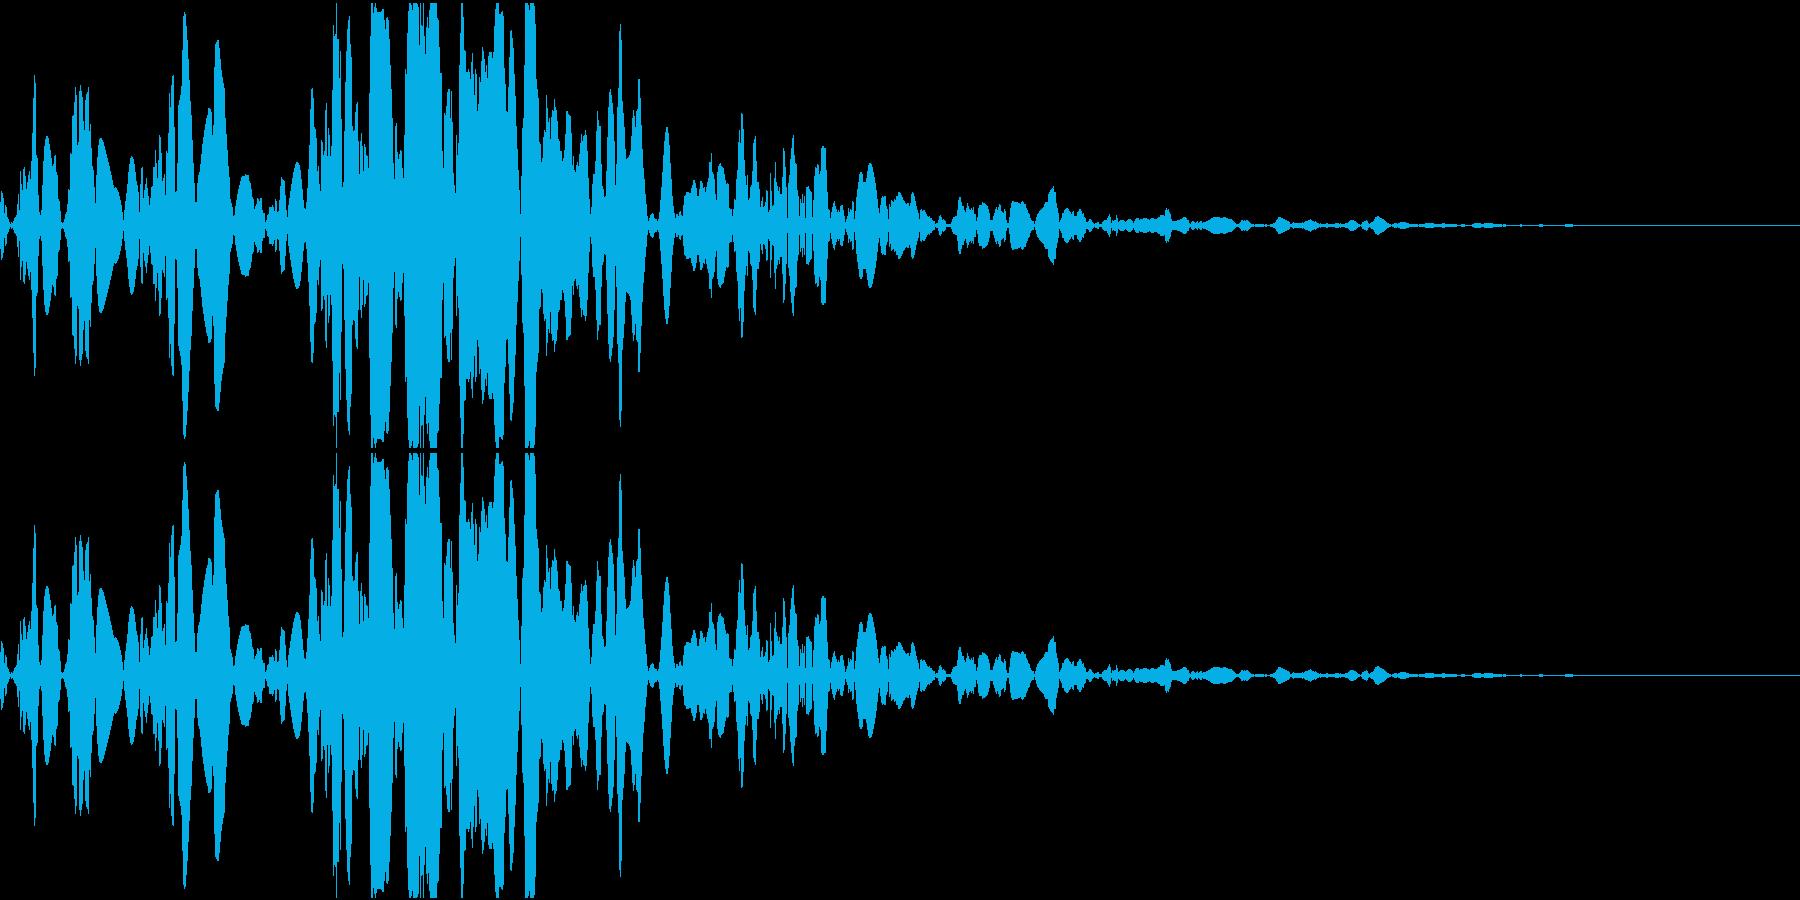 ベチャッ10(泥・液体系のアクション音)の再生済みの波形